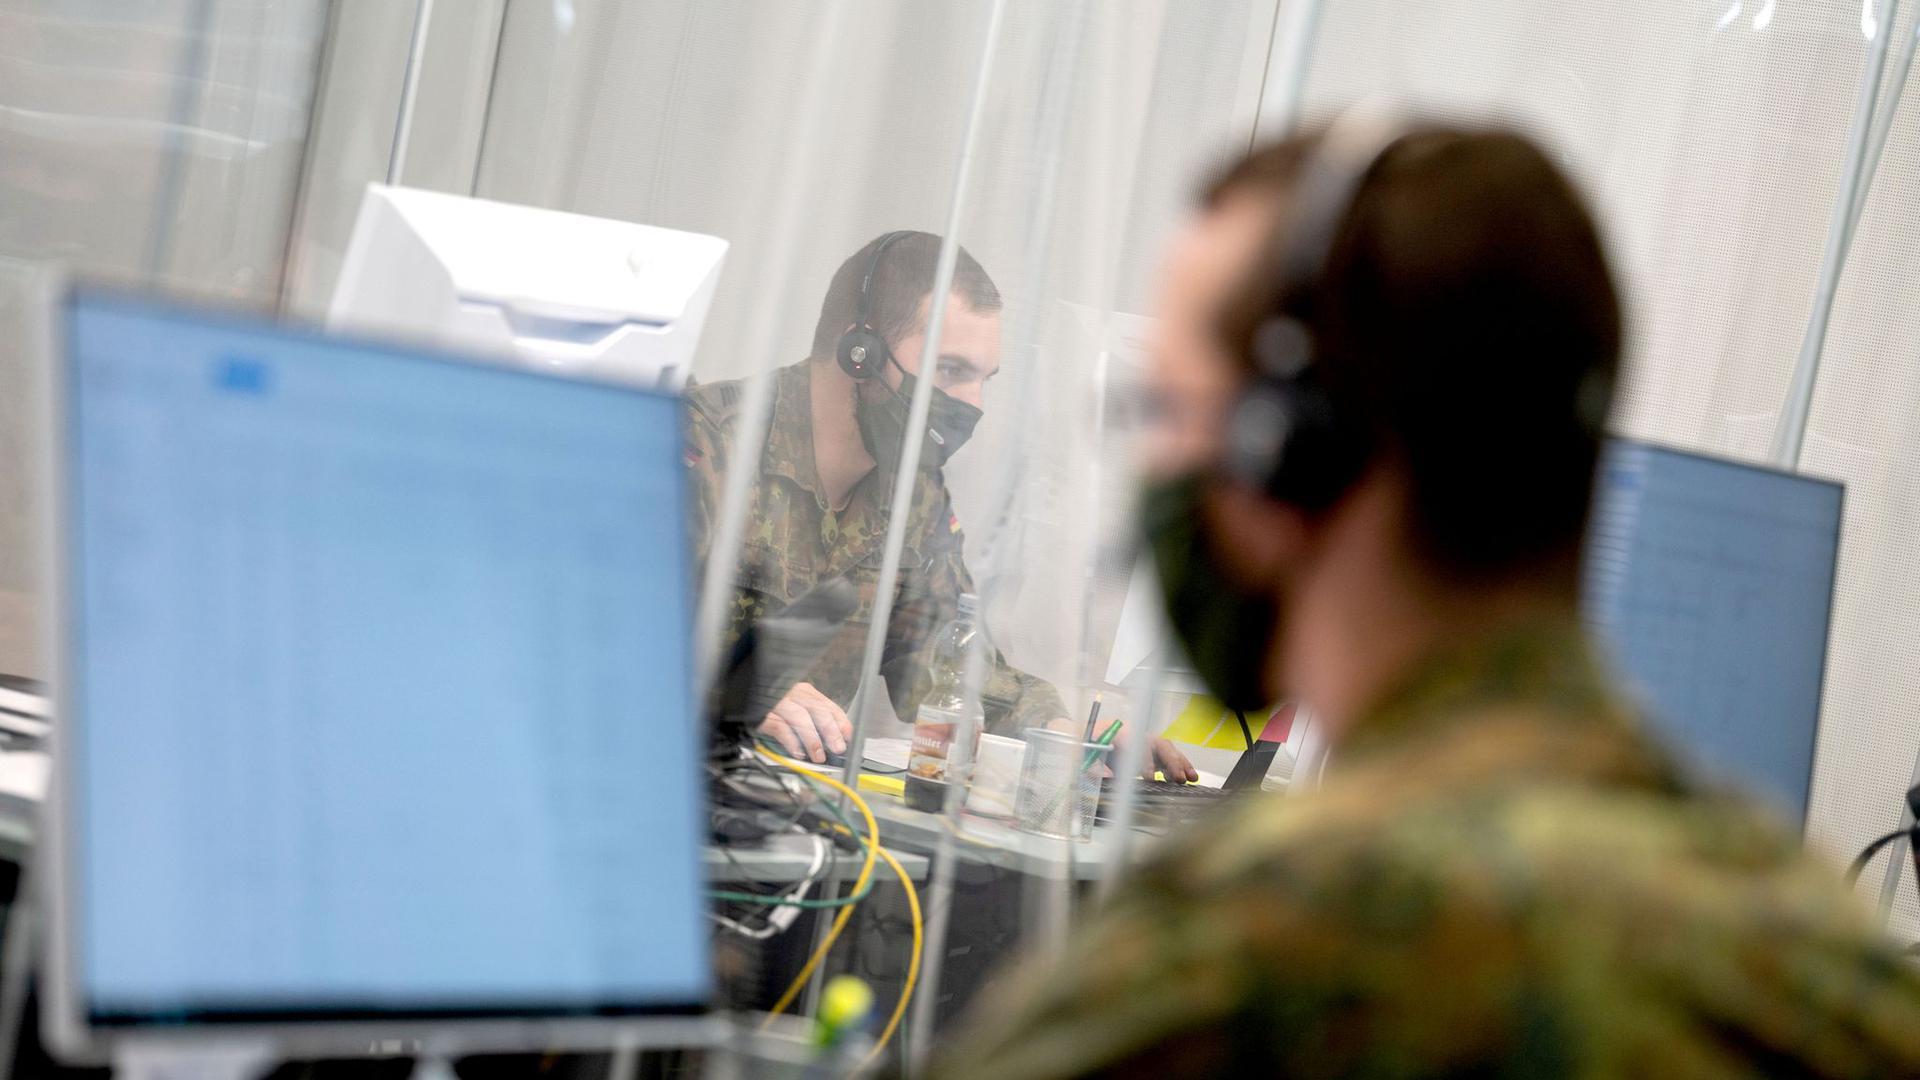 Bundeswehrsoldaten bei der Kontaktnachverfolgung im Gesundheitsamt in Karlsruhe.